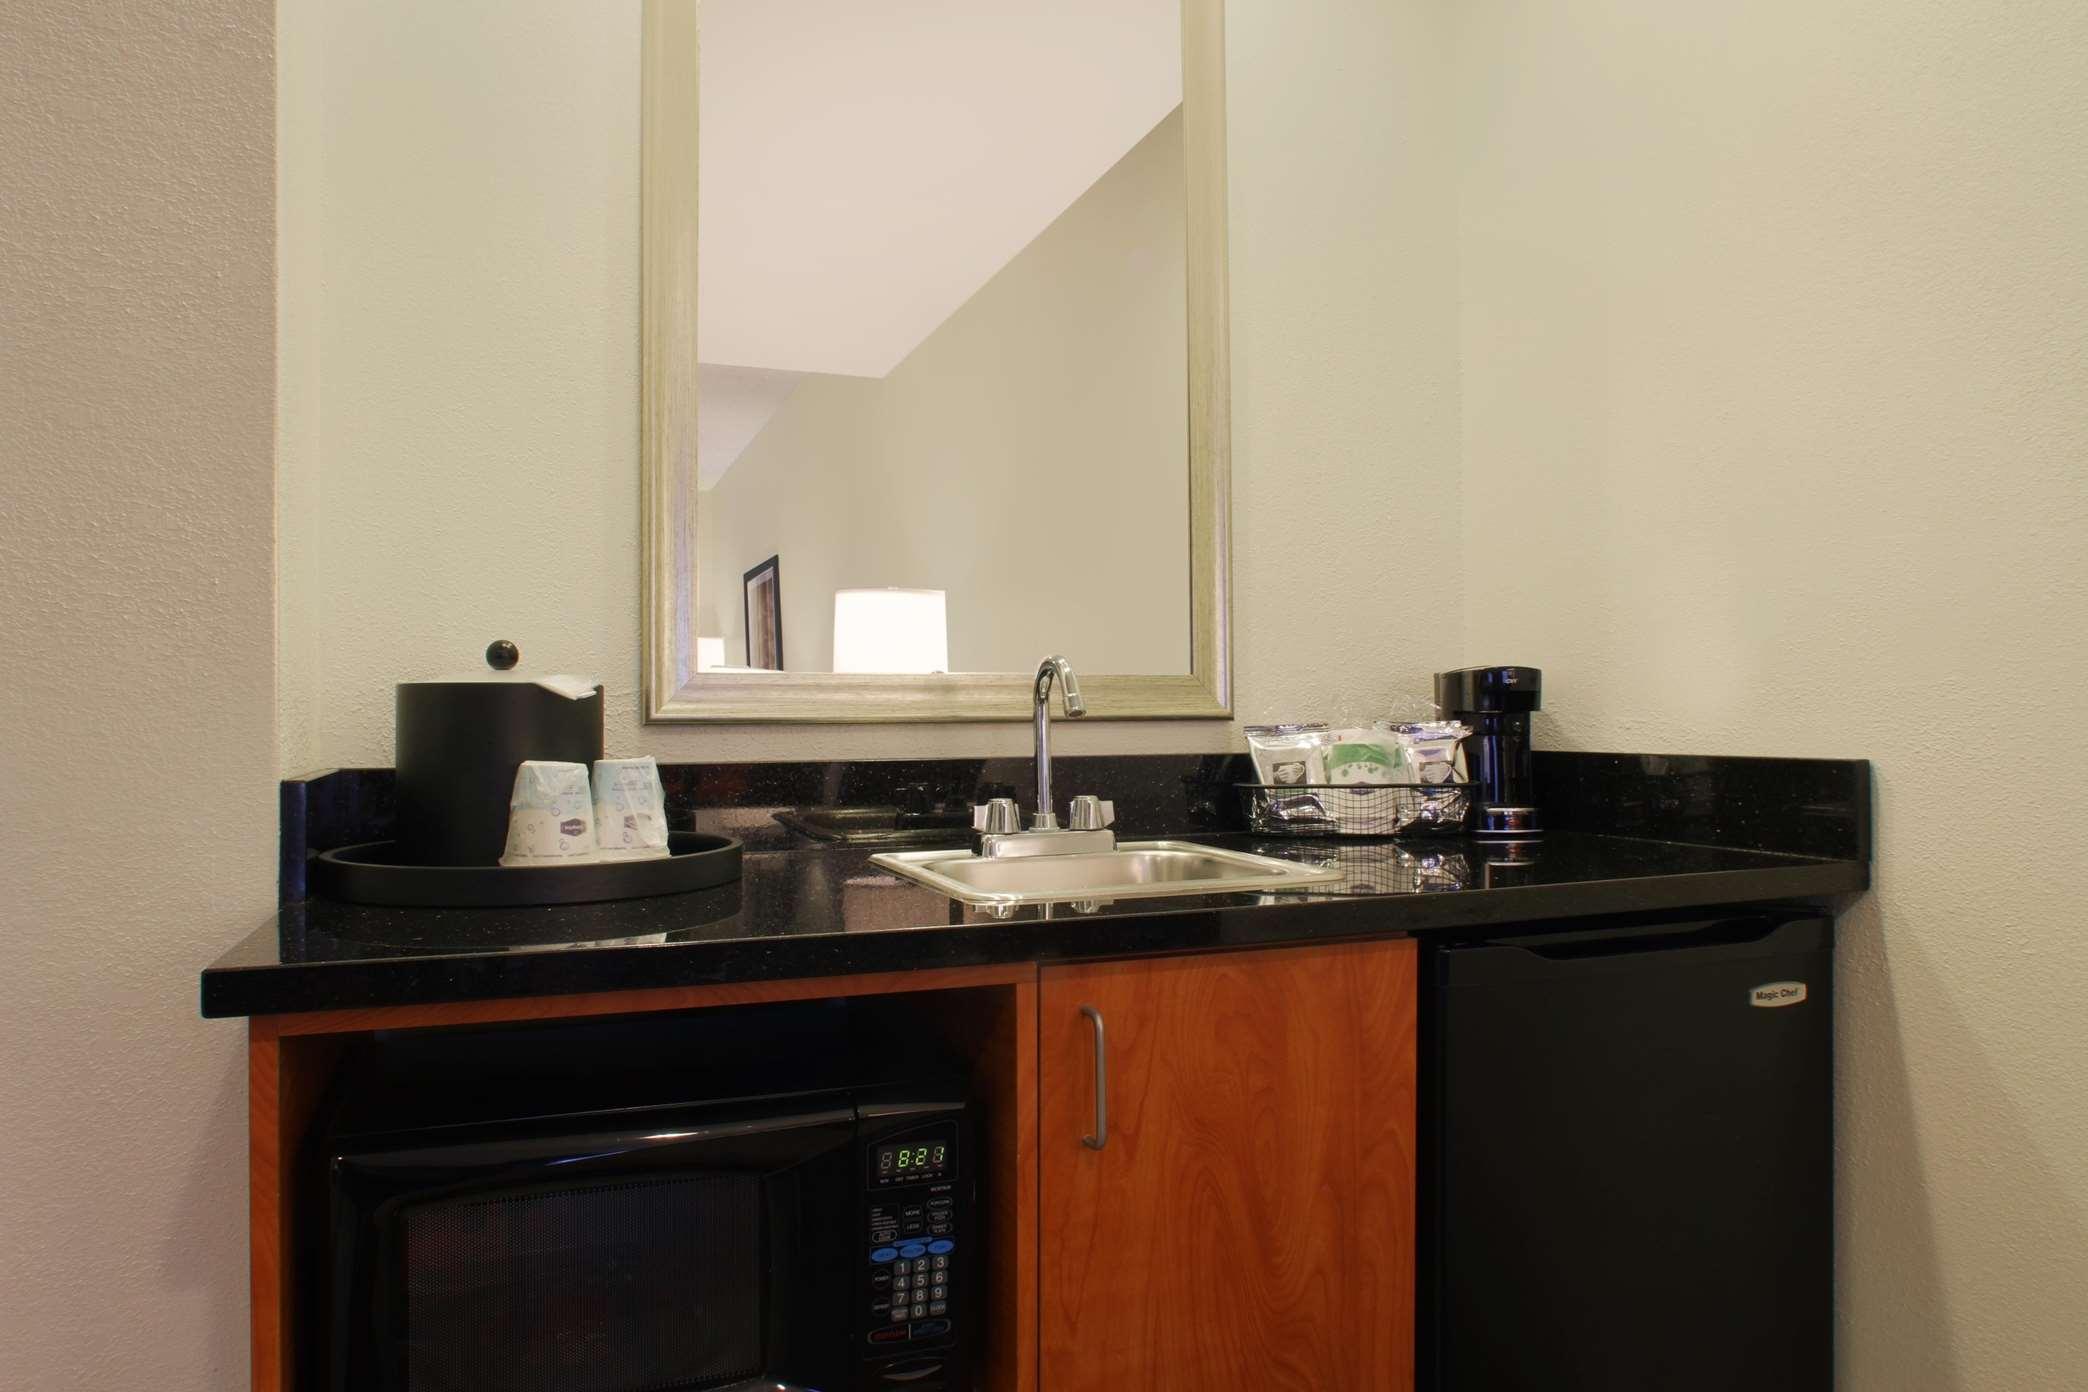 Hampton Inn & Suites Port St. Lucie, West image 23